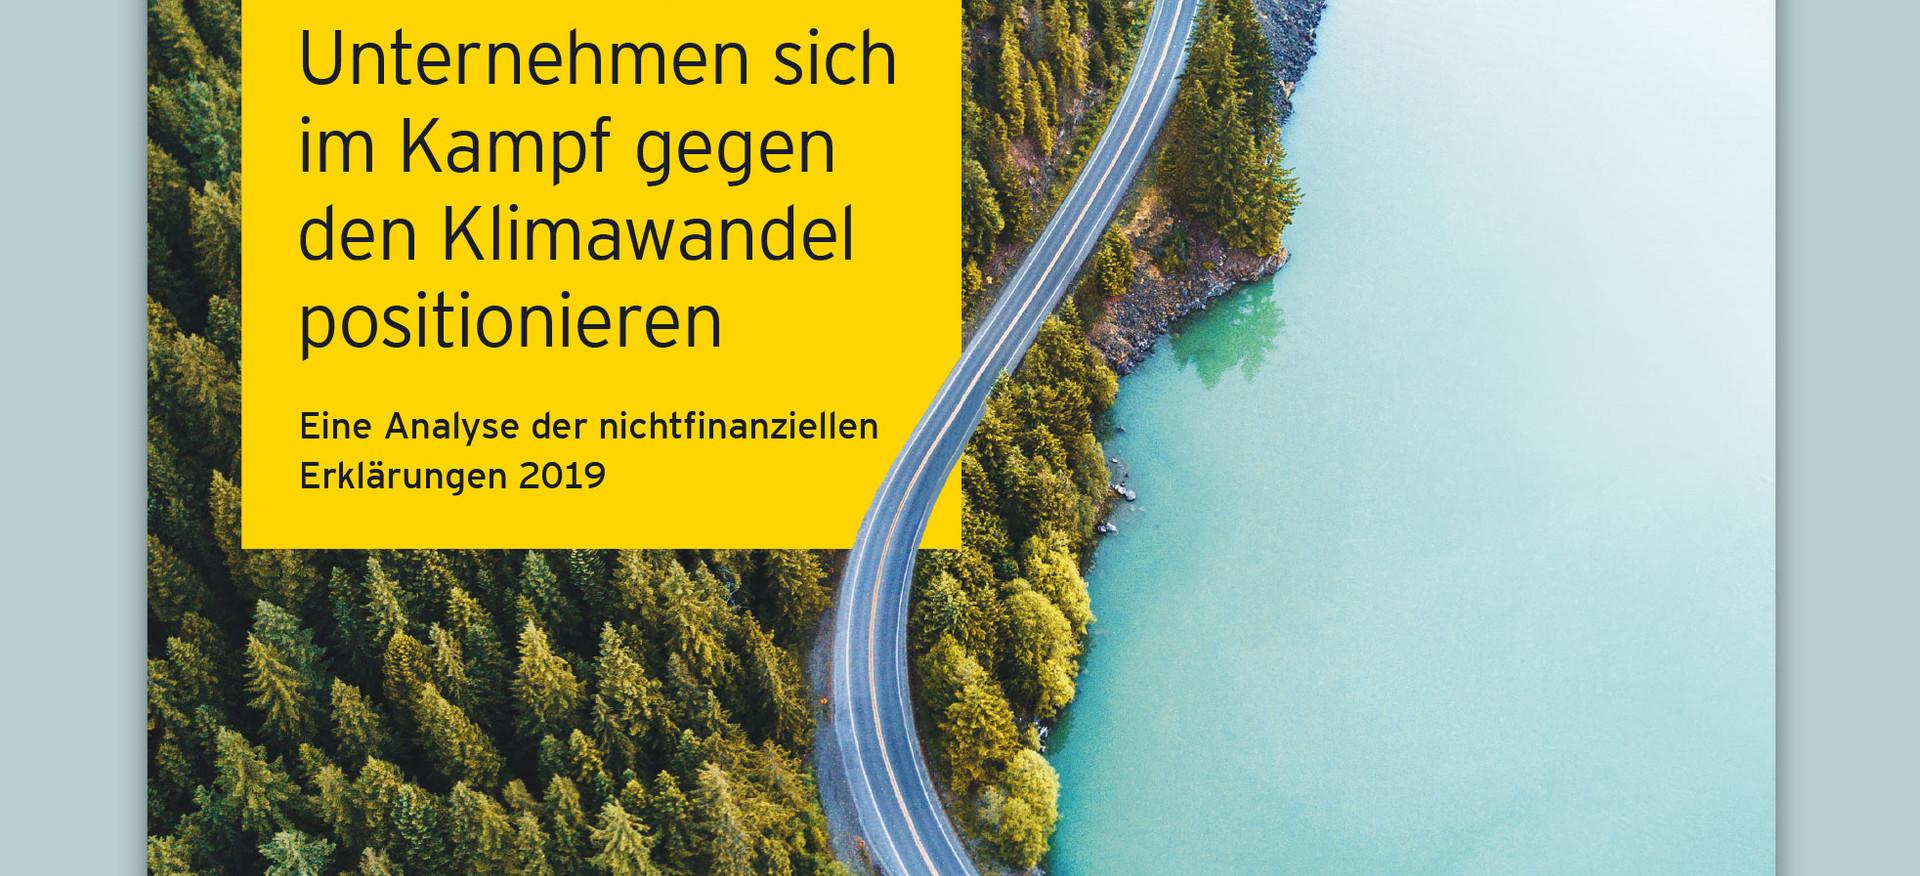 »Wie deutsche Unternehmen sich im Kampf gegen den Klimawandel positionieren«